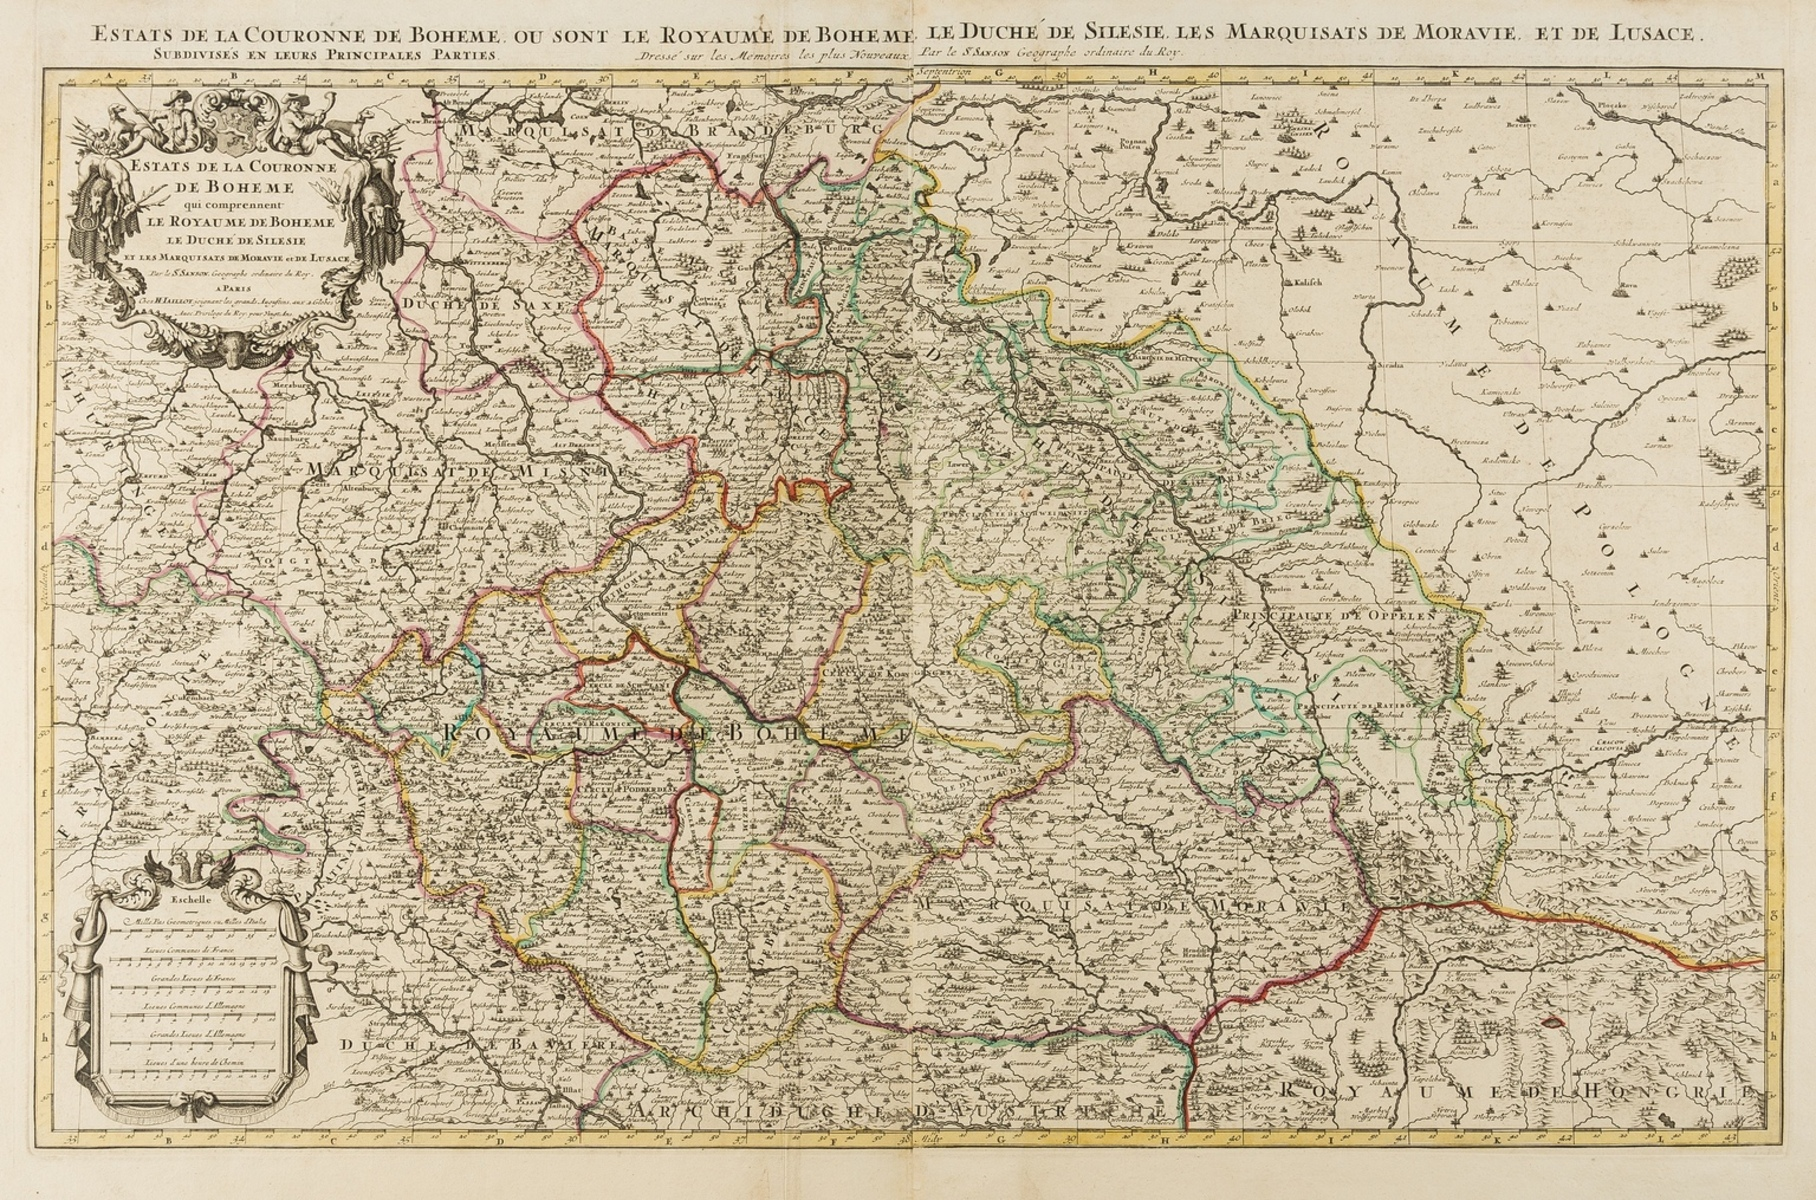 Bohemia & Austria.- Jaillot (Alexis-Hubert) Estats de la Couronne de Boheme qui comprennent le …